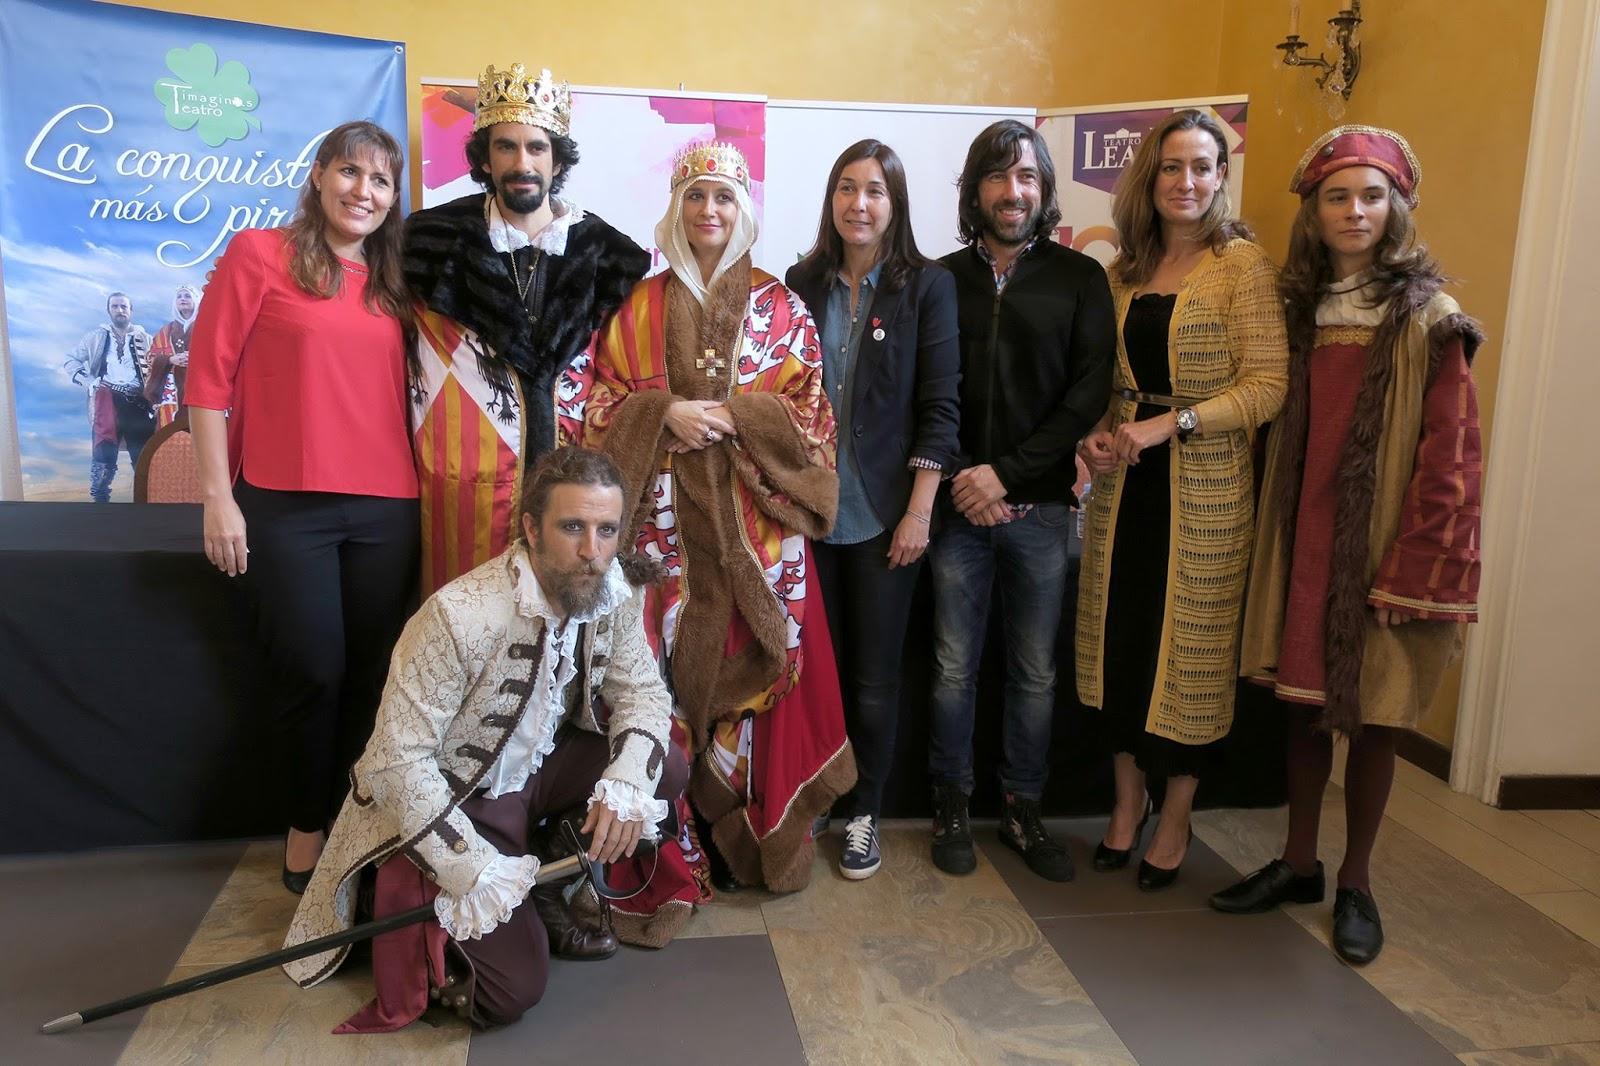 Timaginas Teatro presenta La conquista más pirata en La Laguna